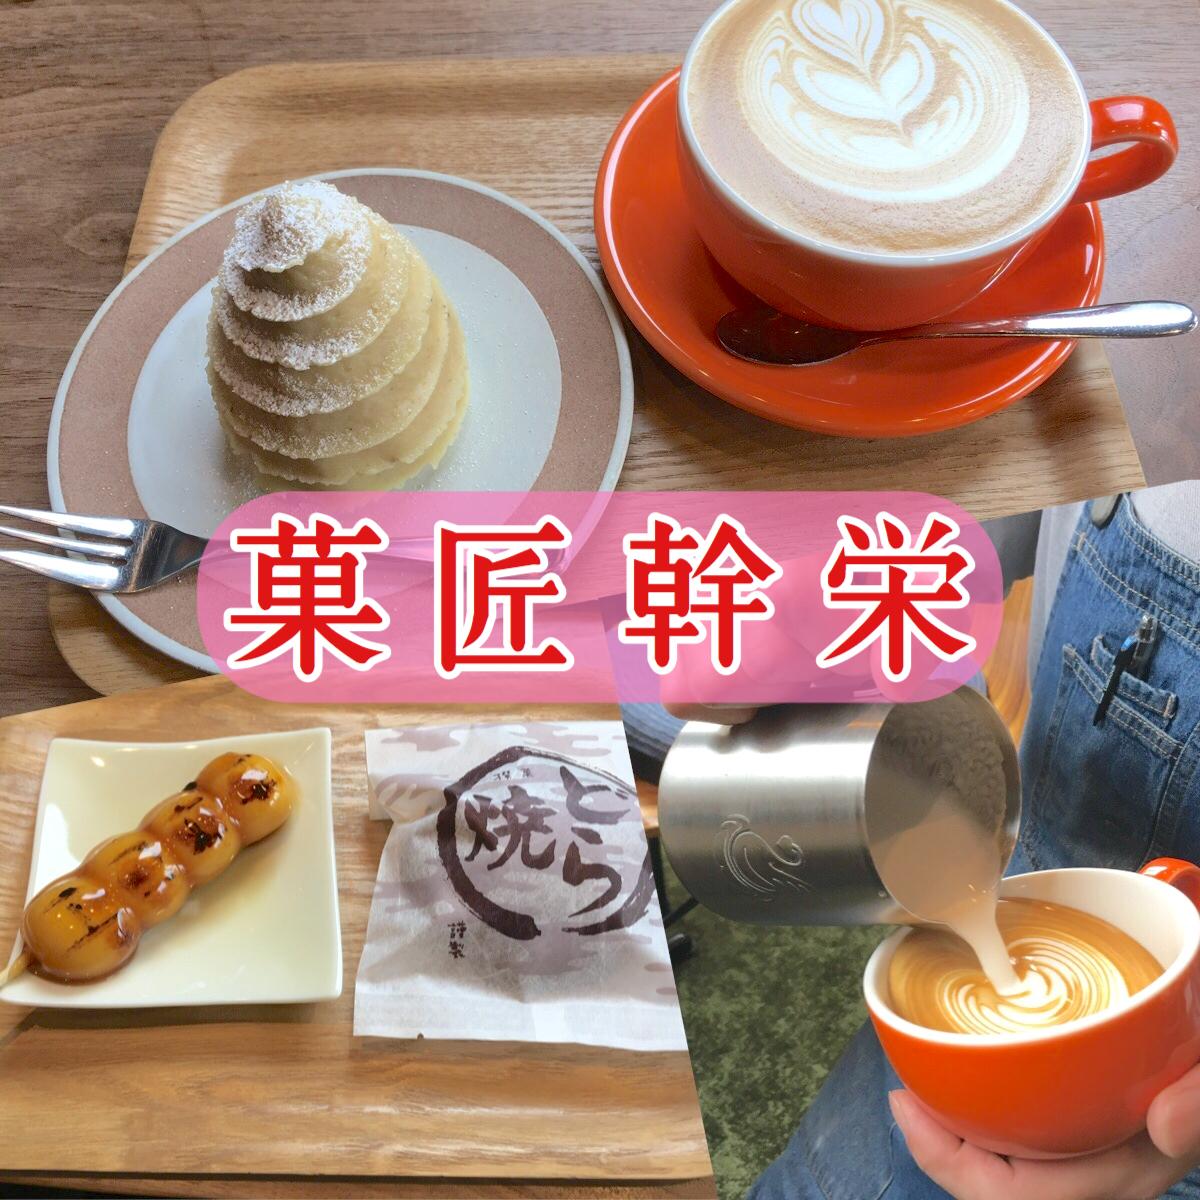 桶川 菓匠幹栄で和菓子・ケーキ・カフェラテをイートイン!